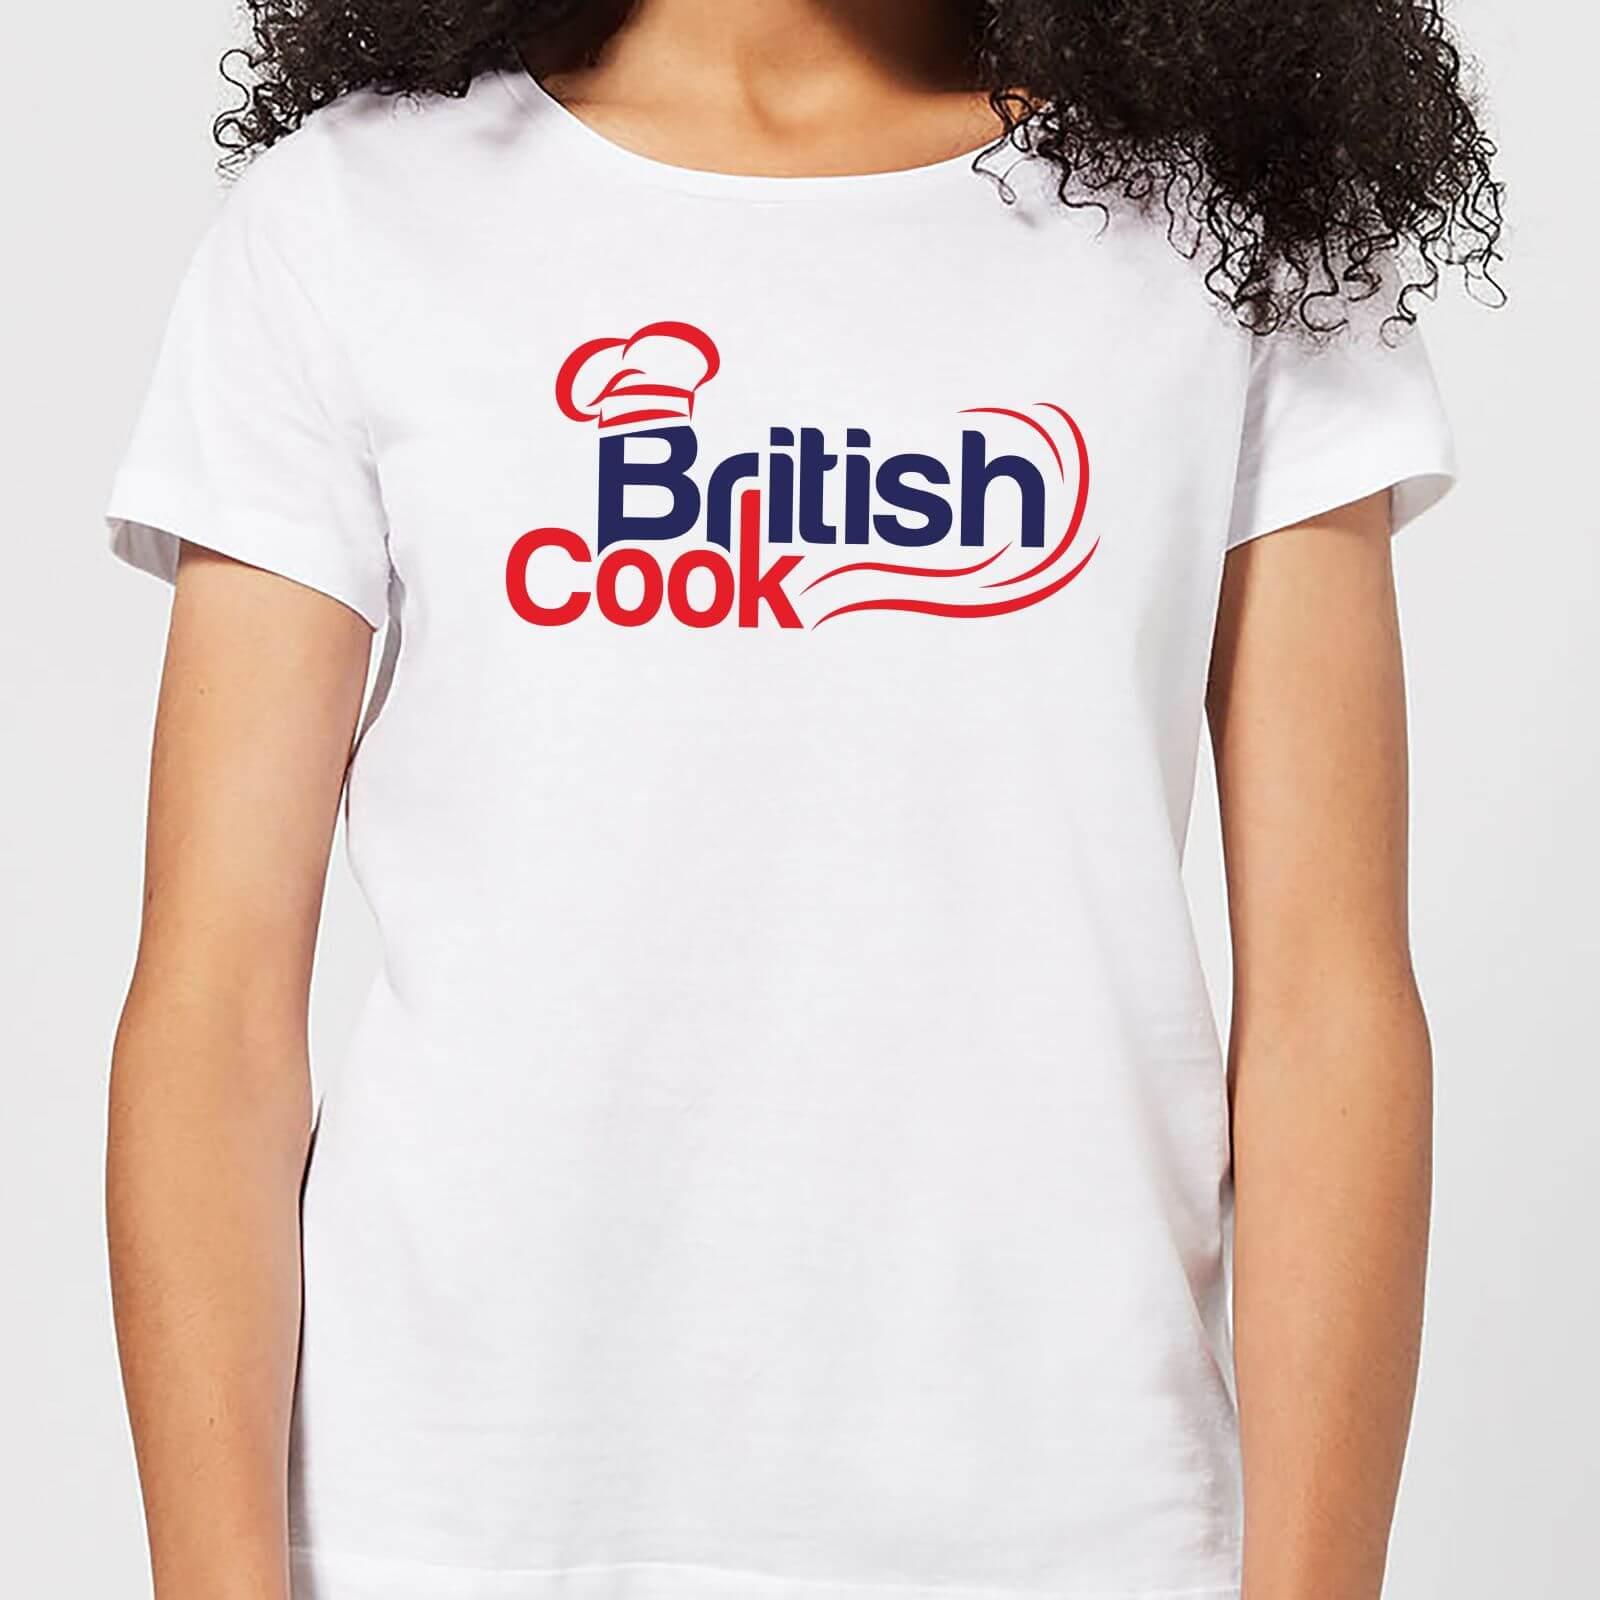 British Cook Red Women's T-Shirt - White - XXL - White